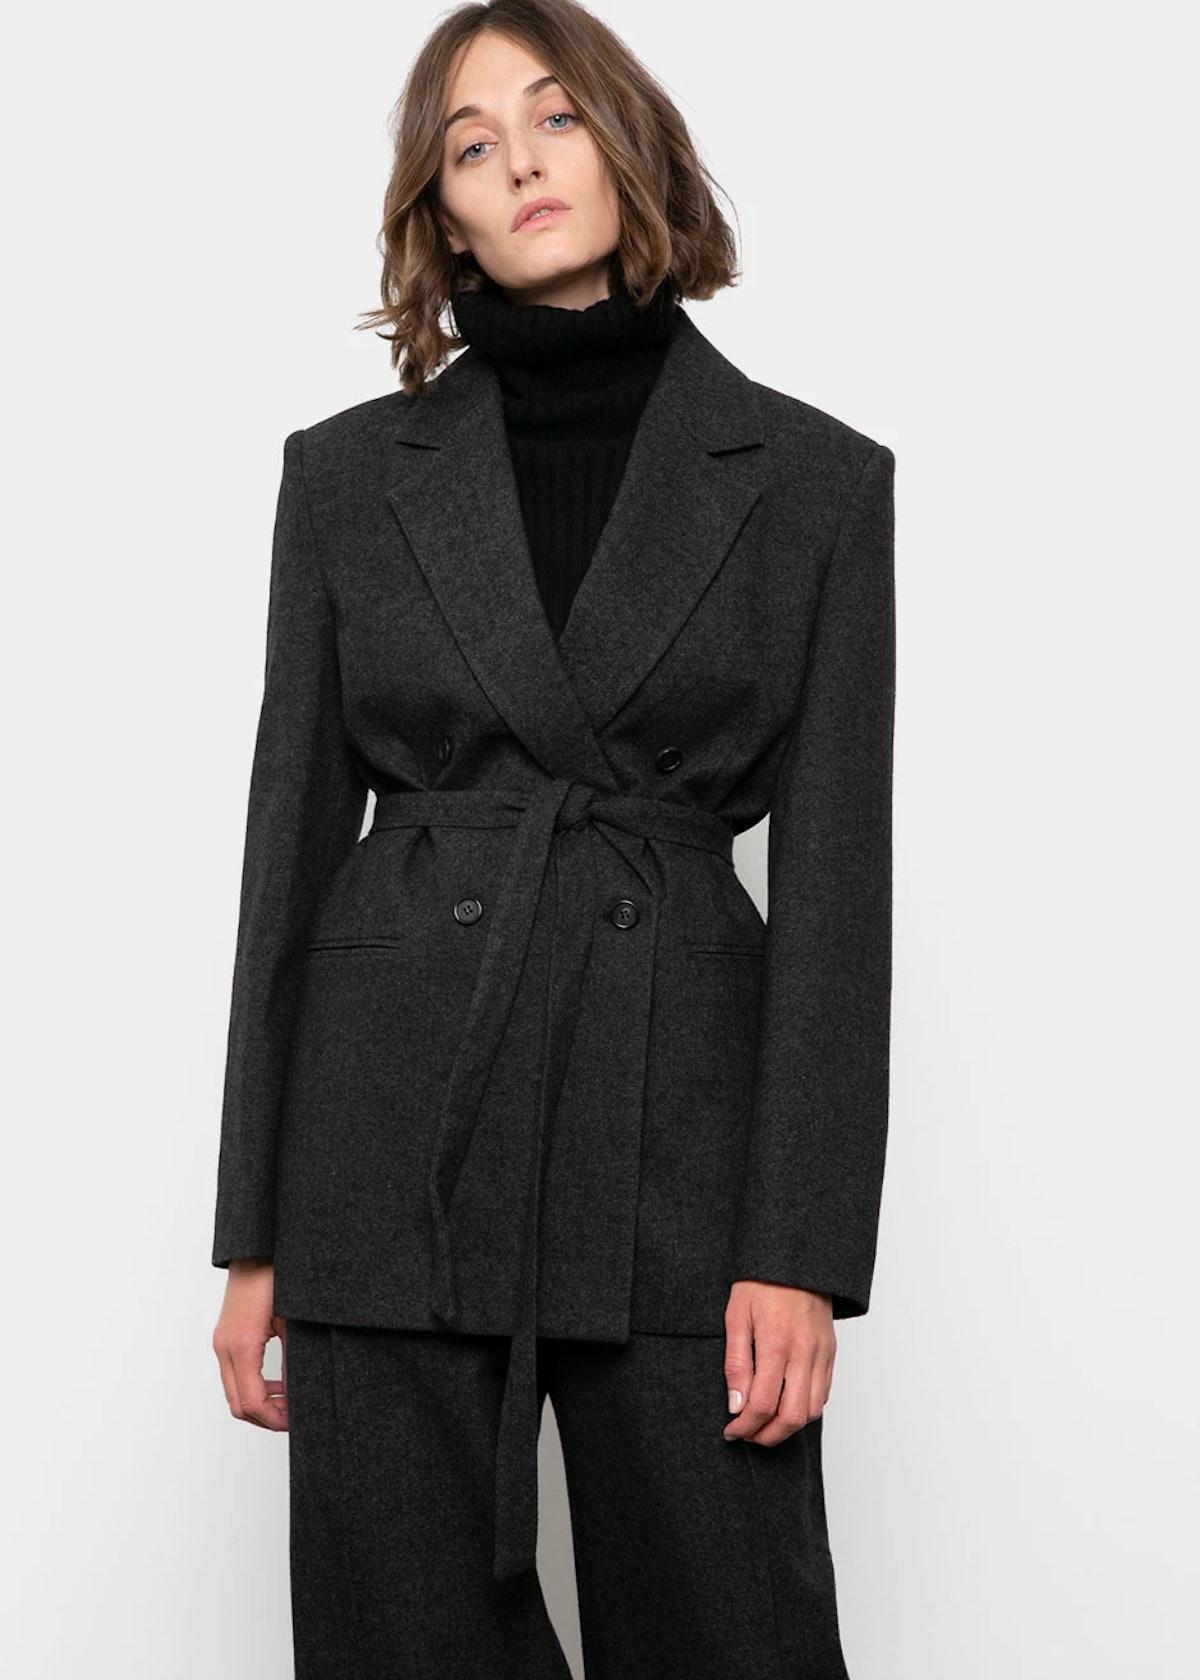 Anthracite Wool Blend Belted Blazer